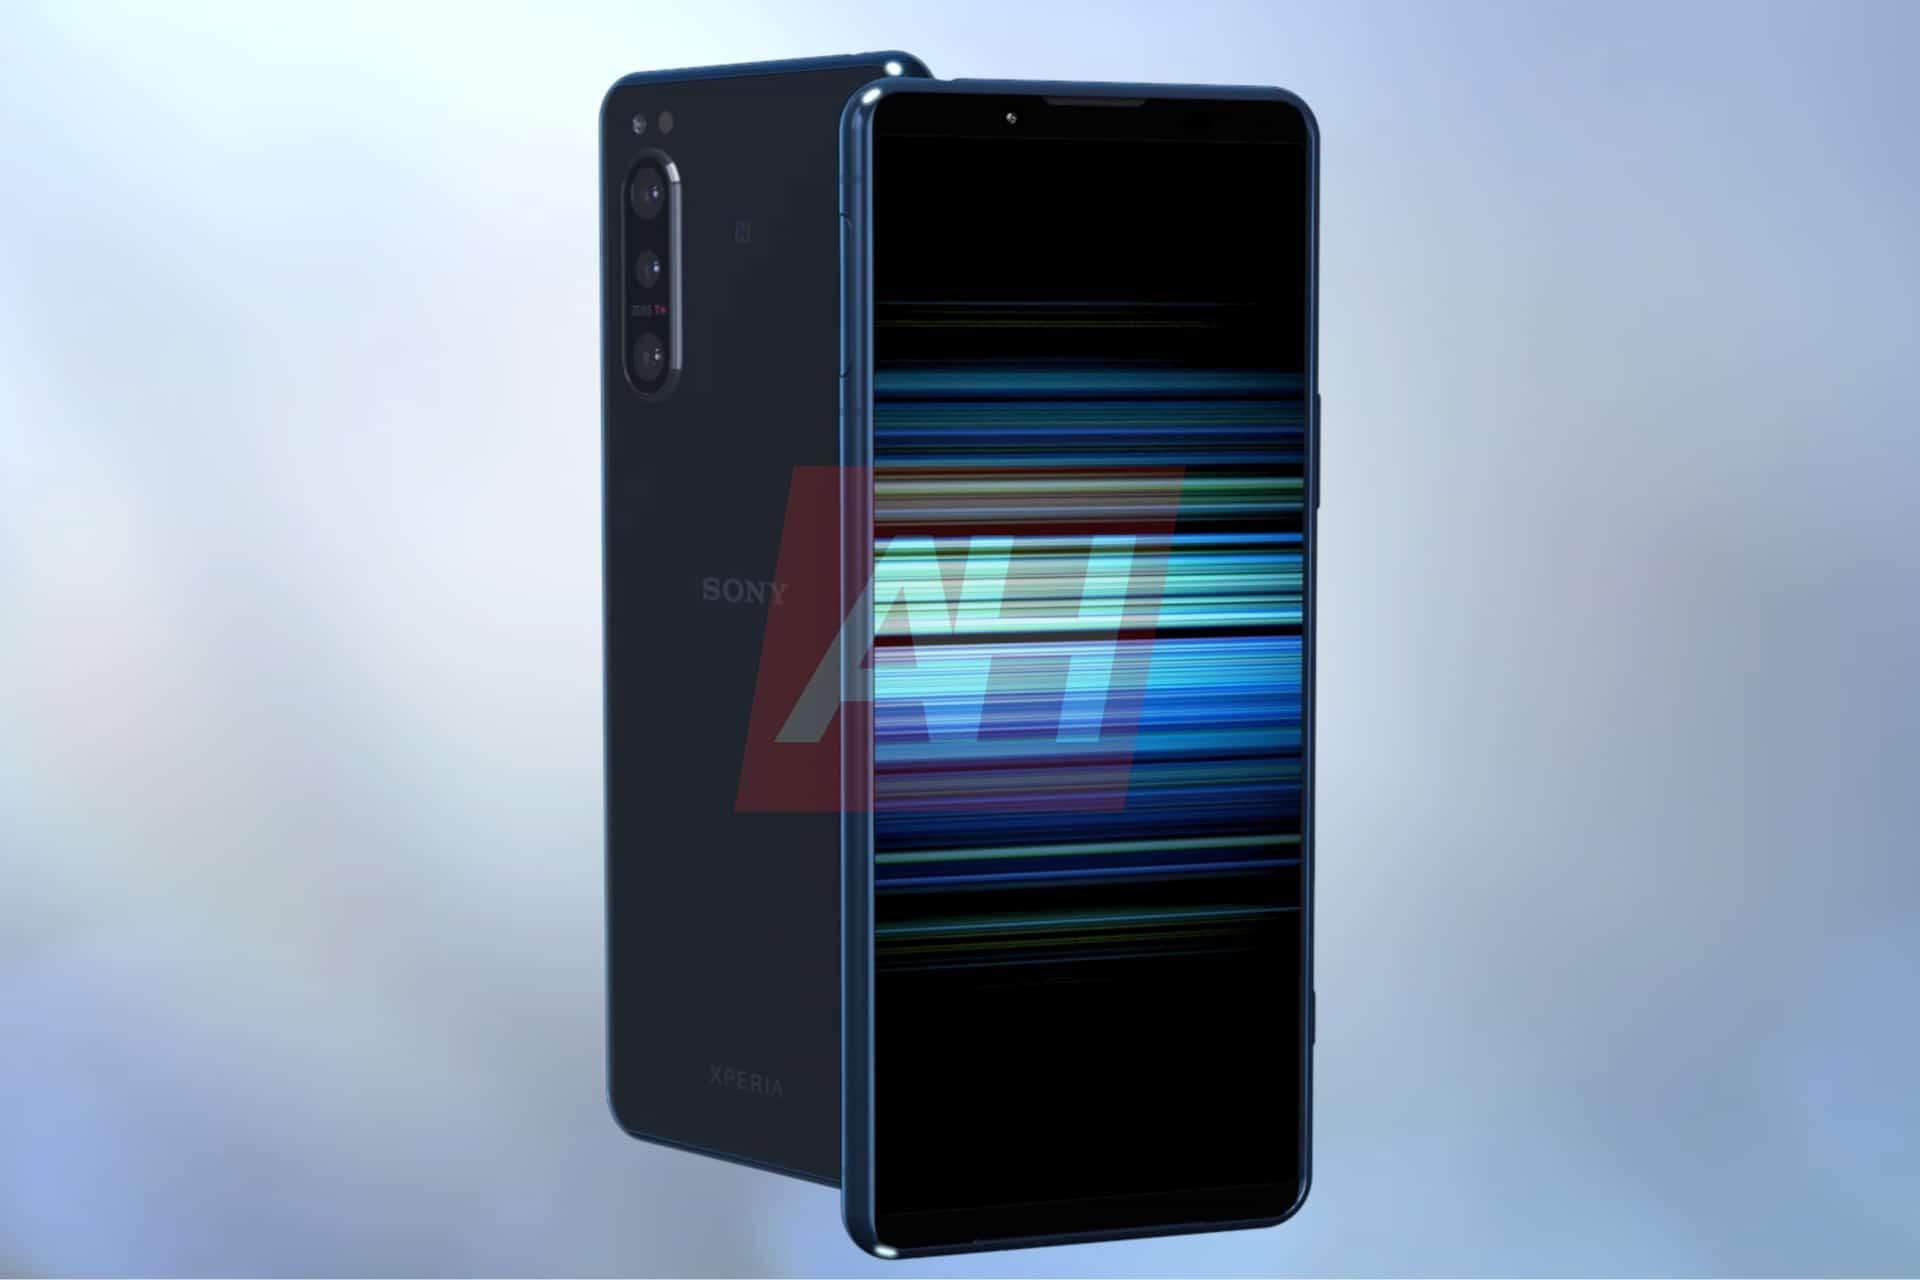 Rò rỉ cấu hình chi tiết của Sony Xperia 5 II